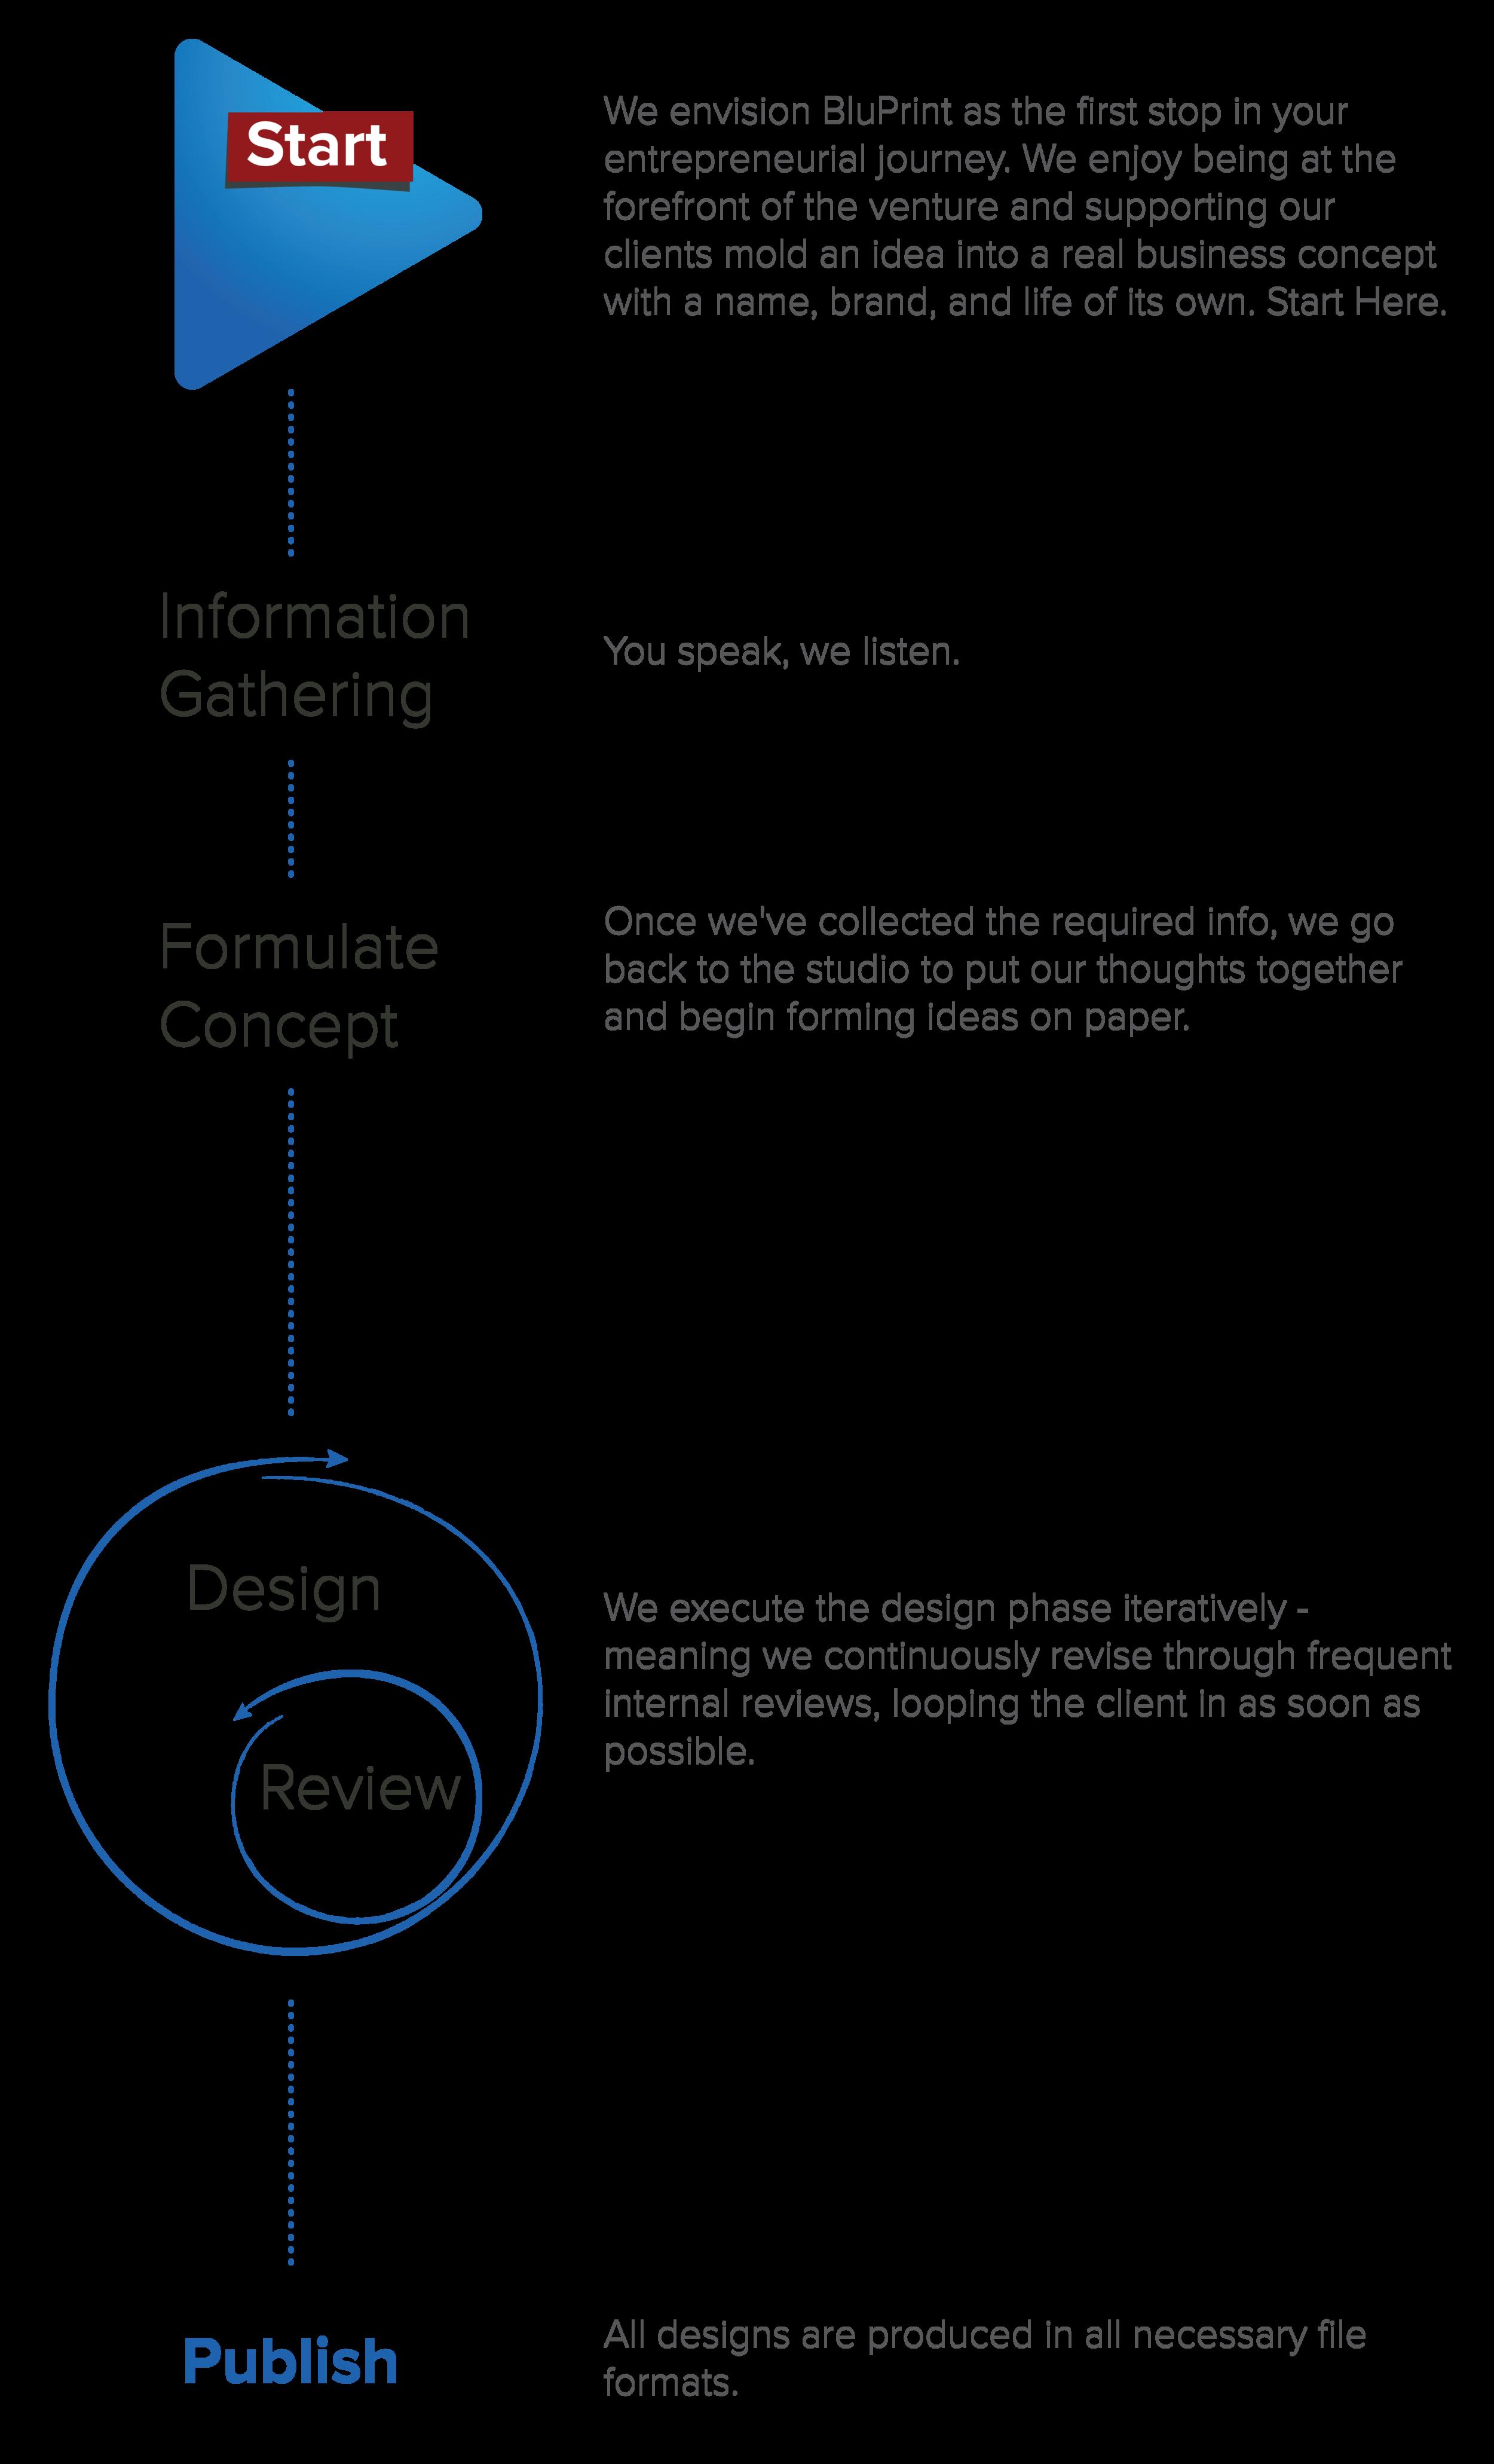 BluPrint Design Process_Vertical copy.png